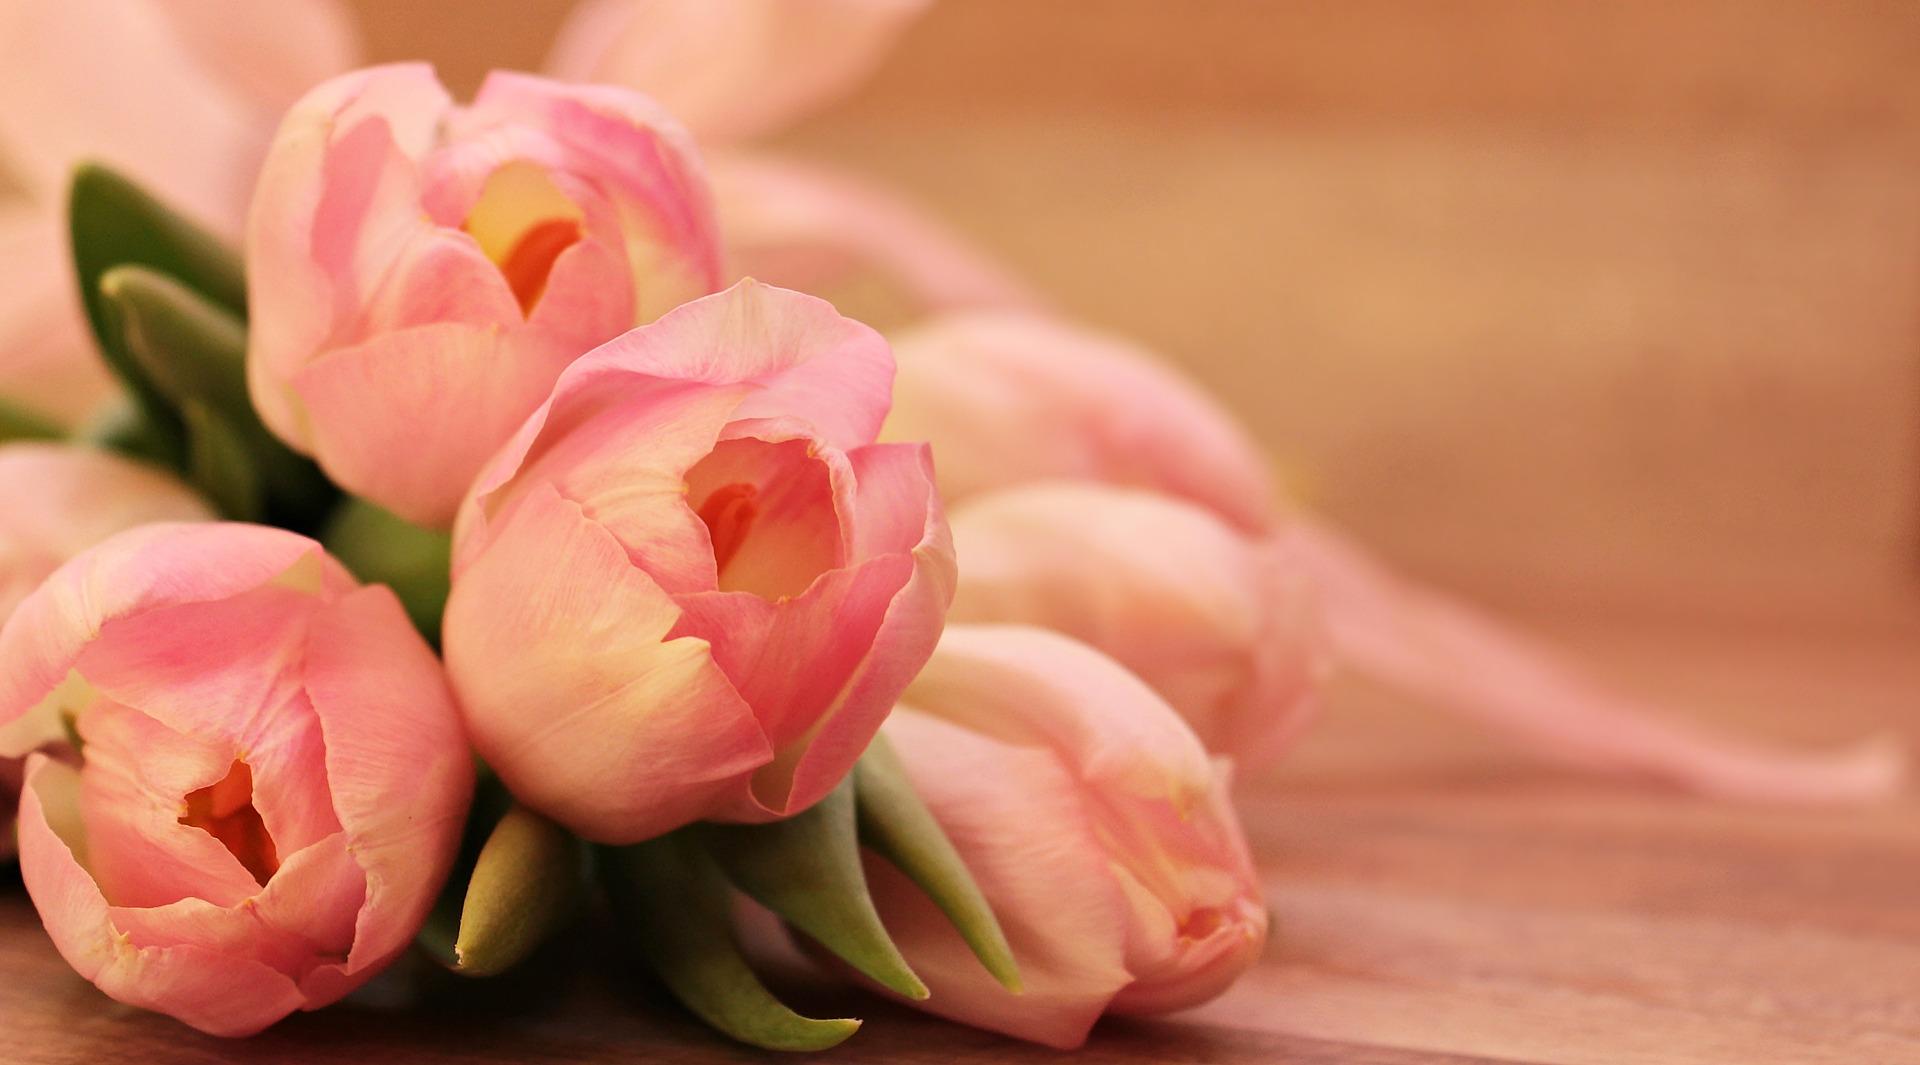 tulipas flores comércio flores online dia internacional da mulher 2019